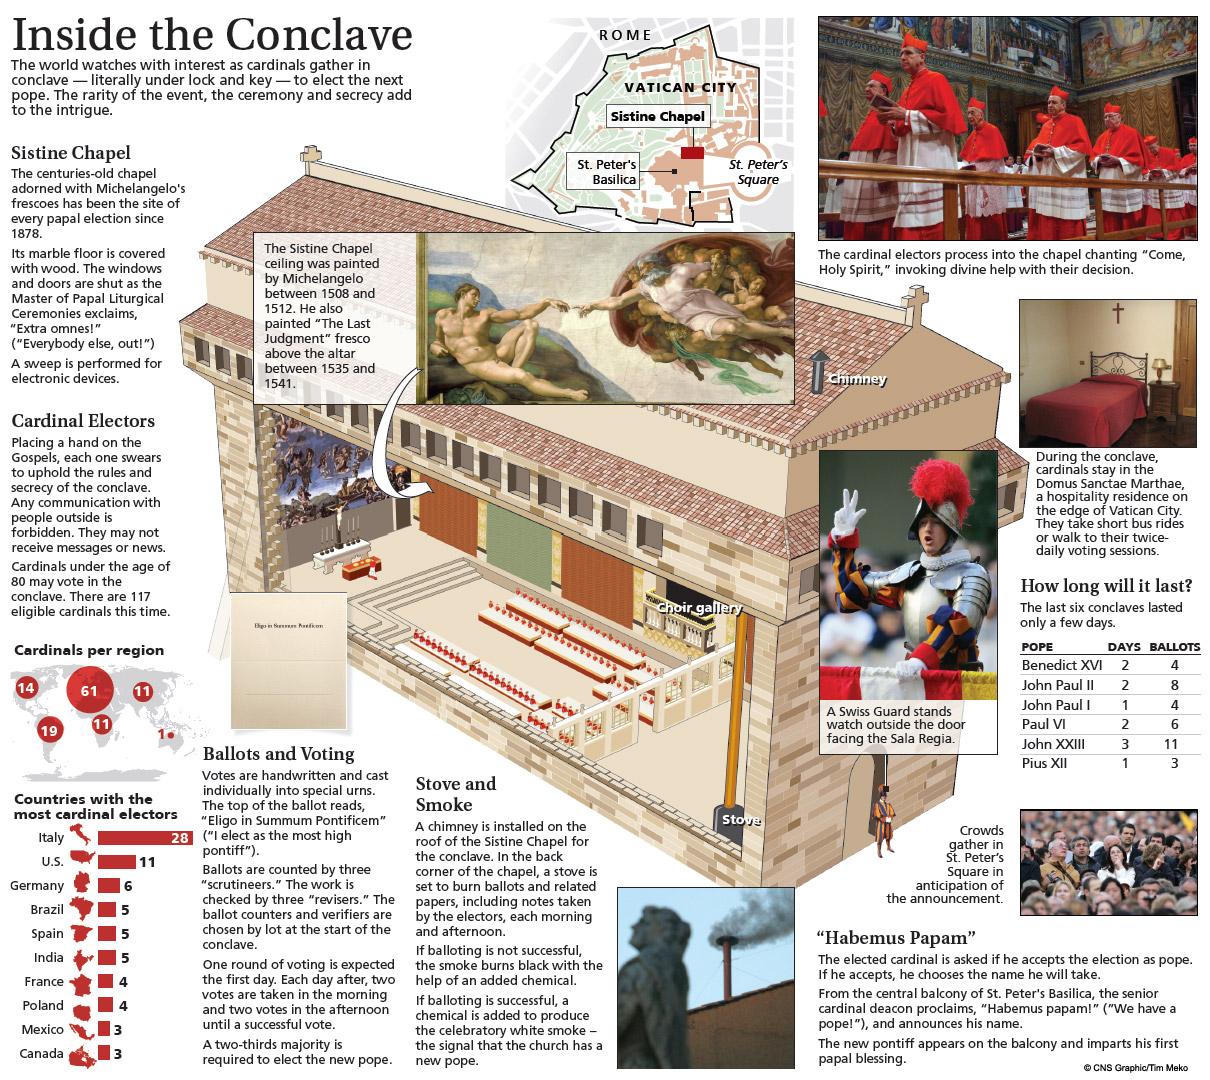 Irama Hidup dan Jadwal, Para Kardinal, selama Konklaf berlangsung